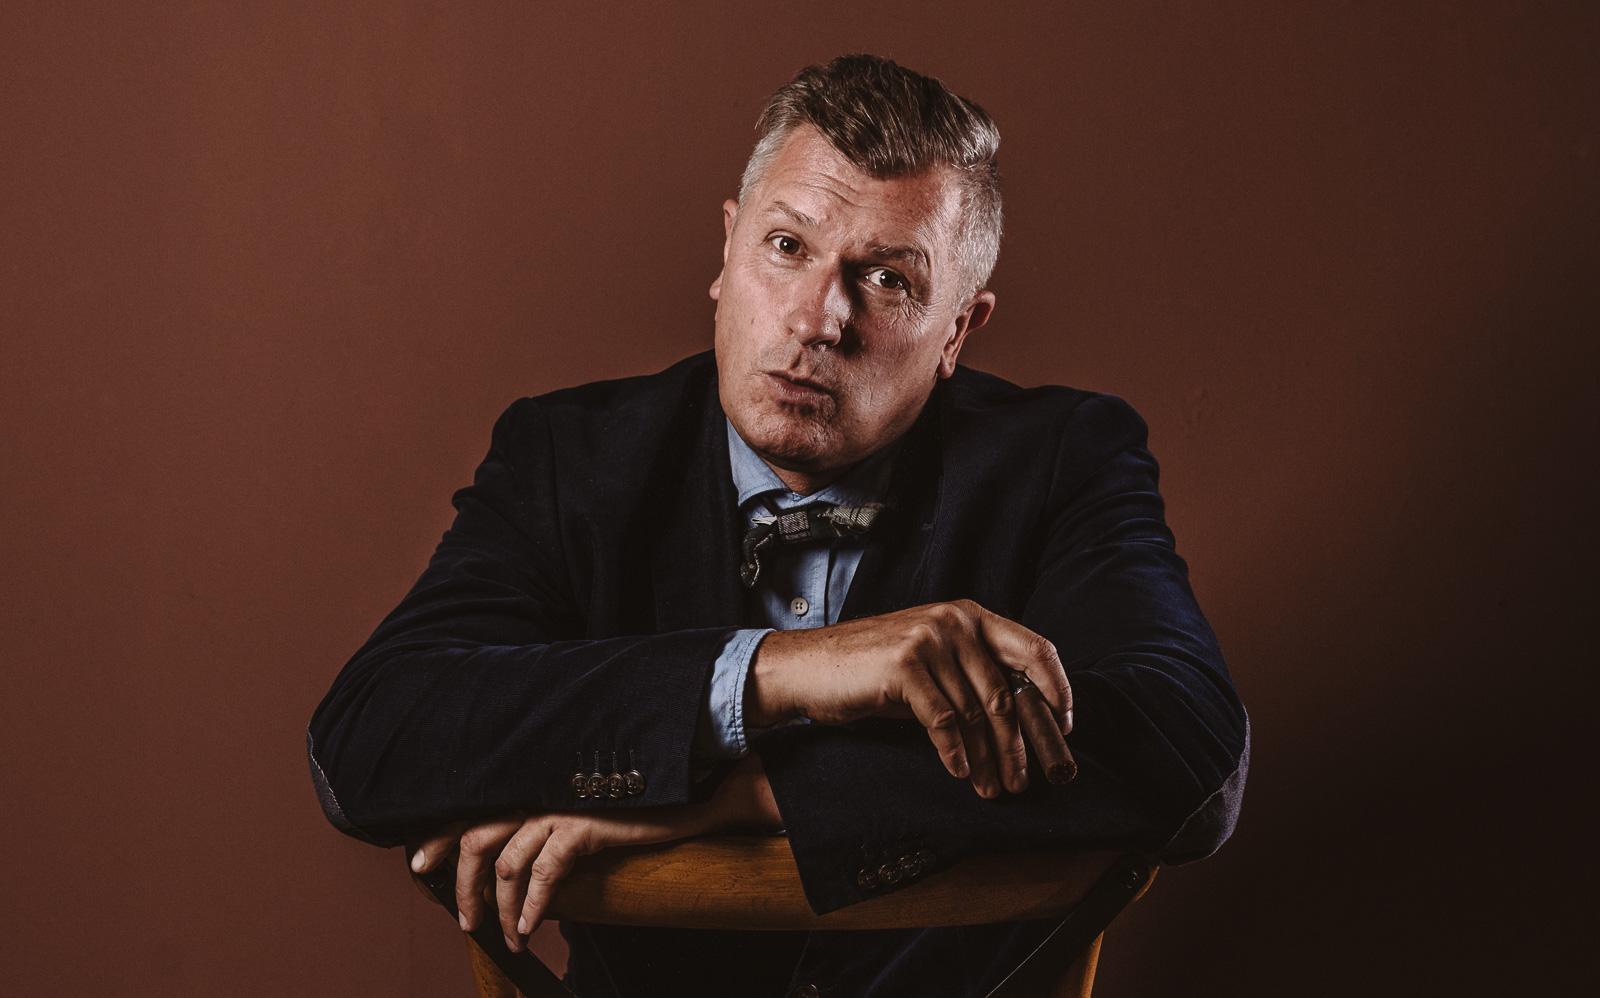 Porträtshooting - Gilbert Köhne vom Konzeptstore Herzblut überlegt mit Zigarre